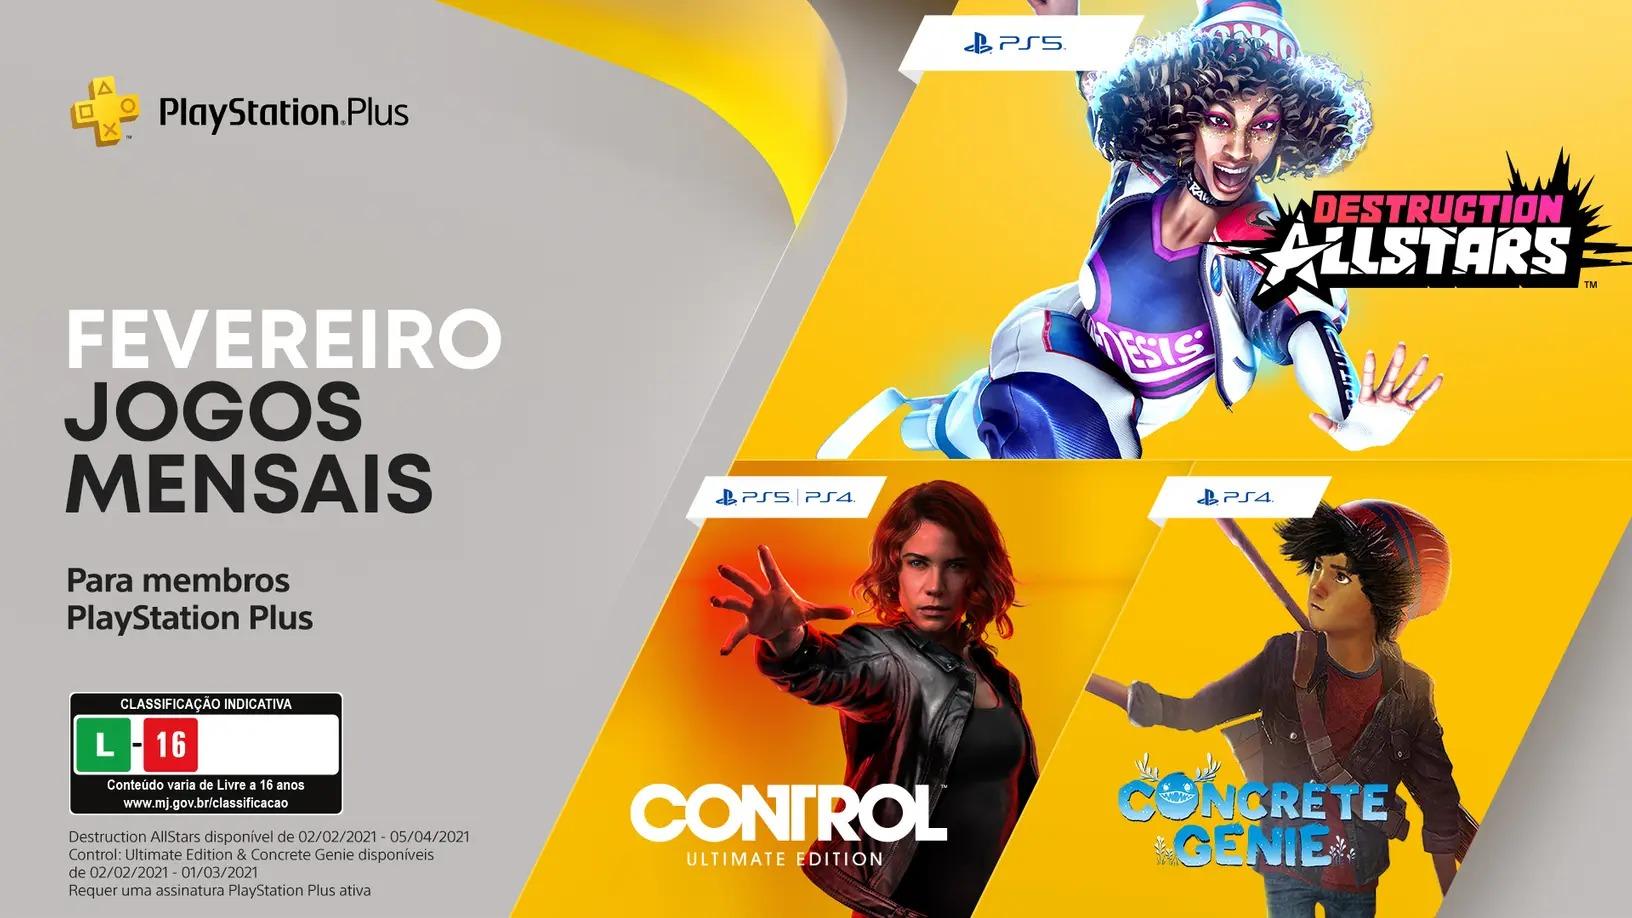 PS Plus de fevereiro tem Control, Concrete Genie e mais no PS4 e PS5 | Jogos | Tecnoblog